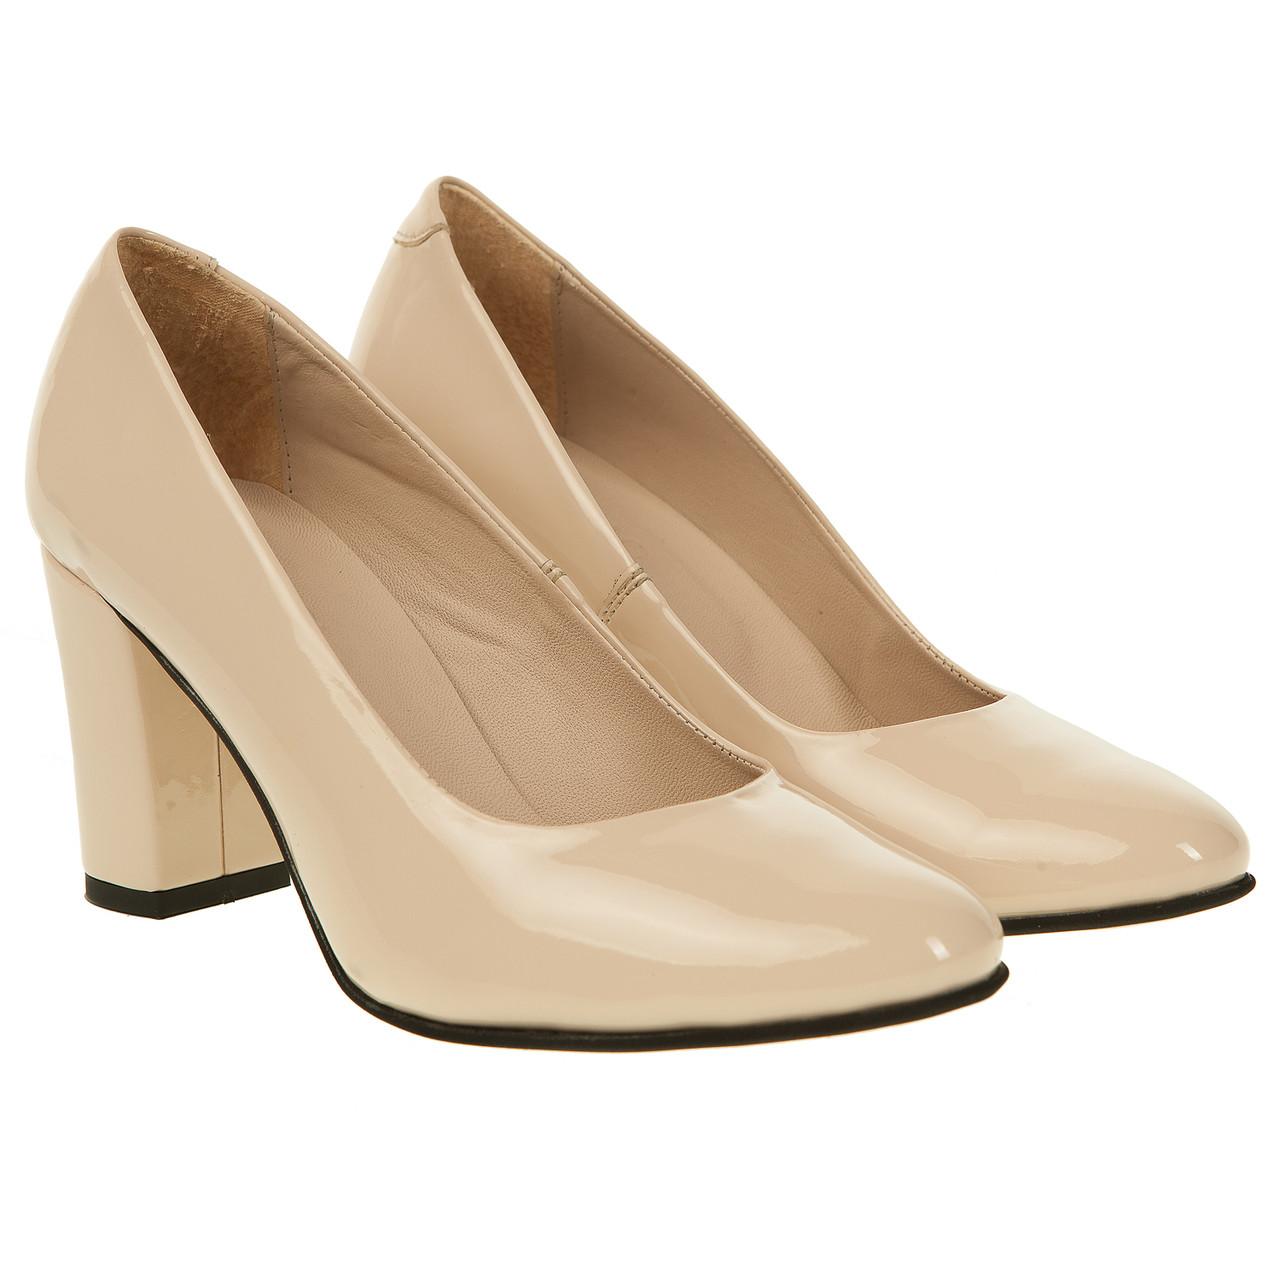 Туфли Capriccio (классические, бежевые, на широком каблуке, элегантные)